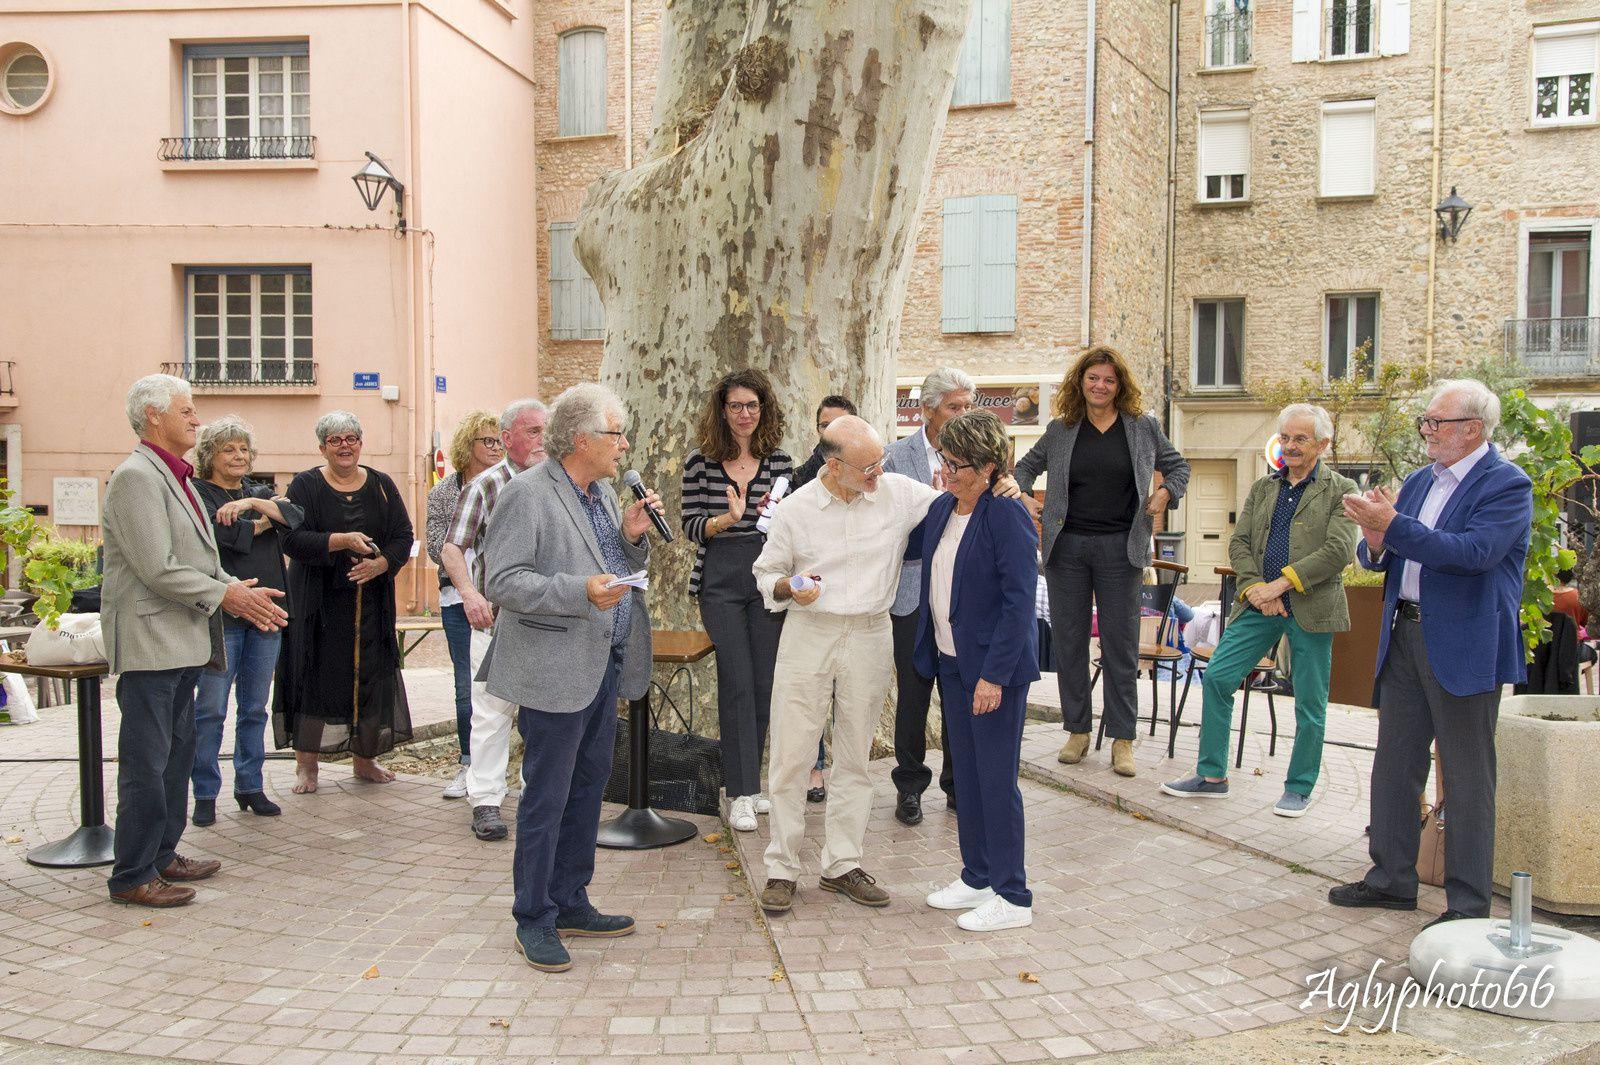 Lluis-Anton Baulenas reçoit son prix Jean Morer (100 bouteilles de vin) des mains de Martine Delcamp, adjointe à la culture.